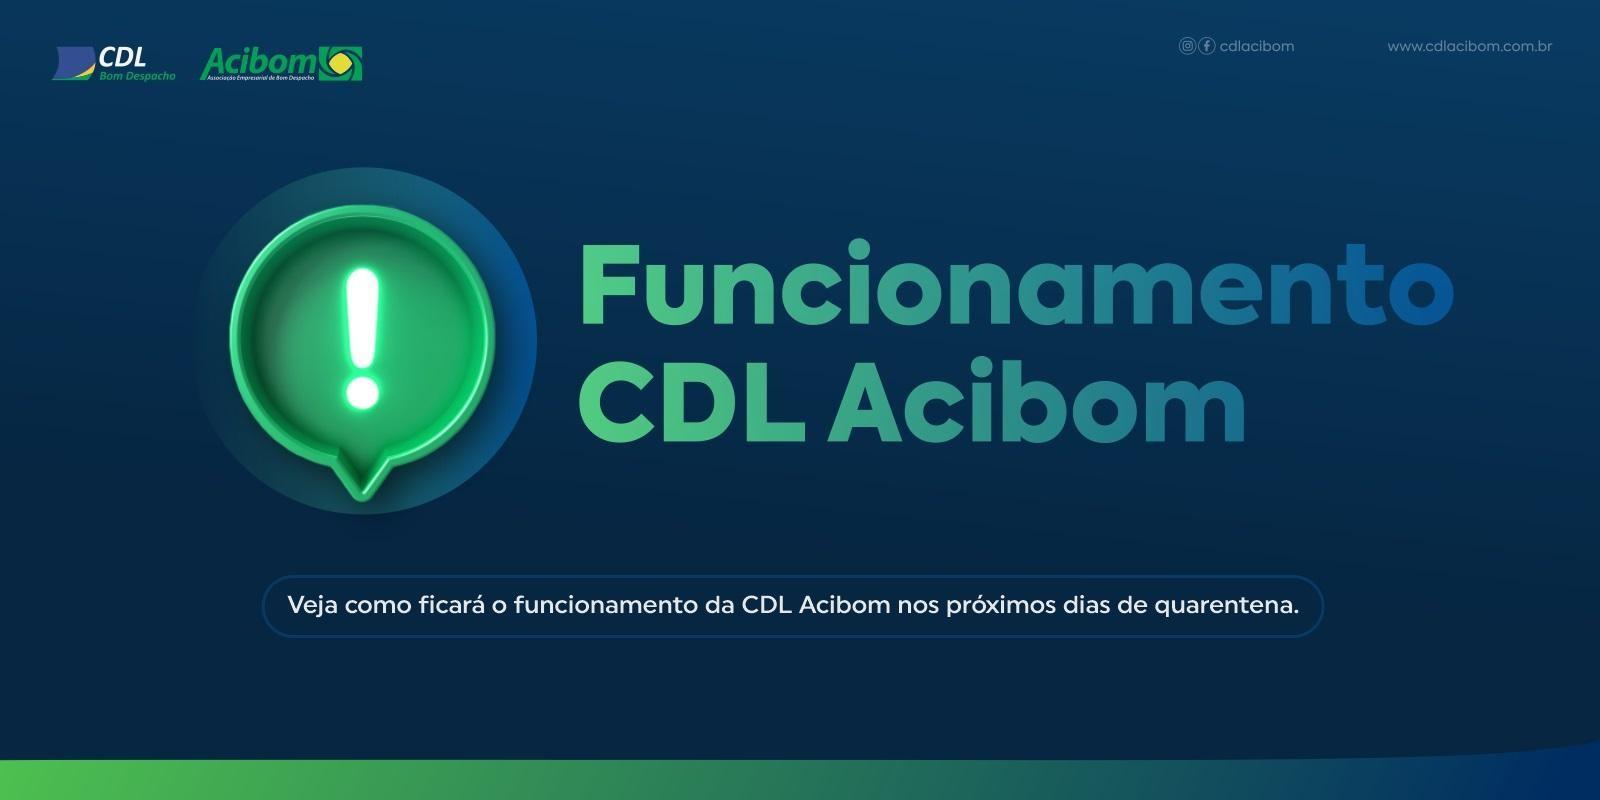 Veja como ficará o funcionamento da CDL Acibom nos próximos dias de quarentena